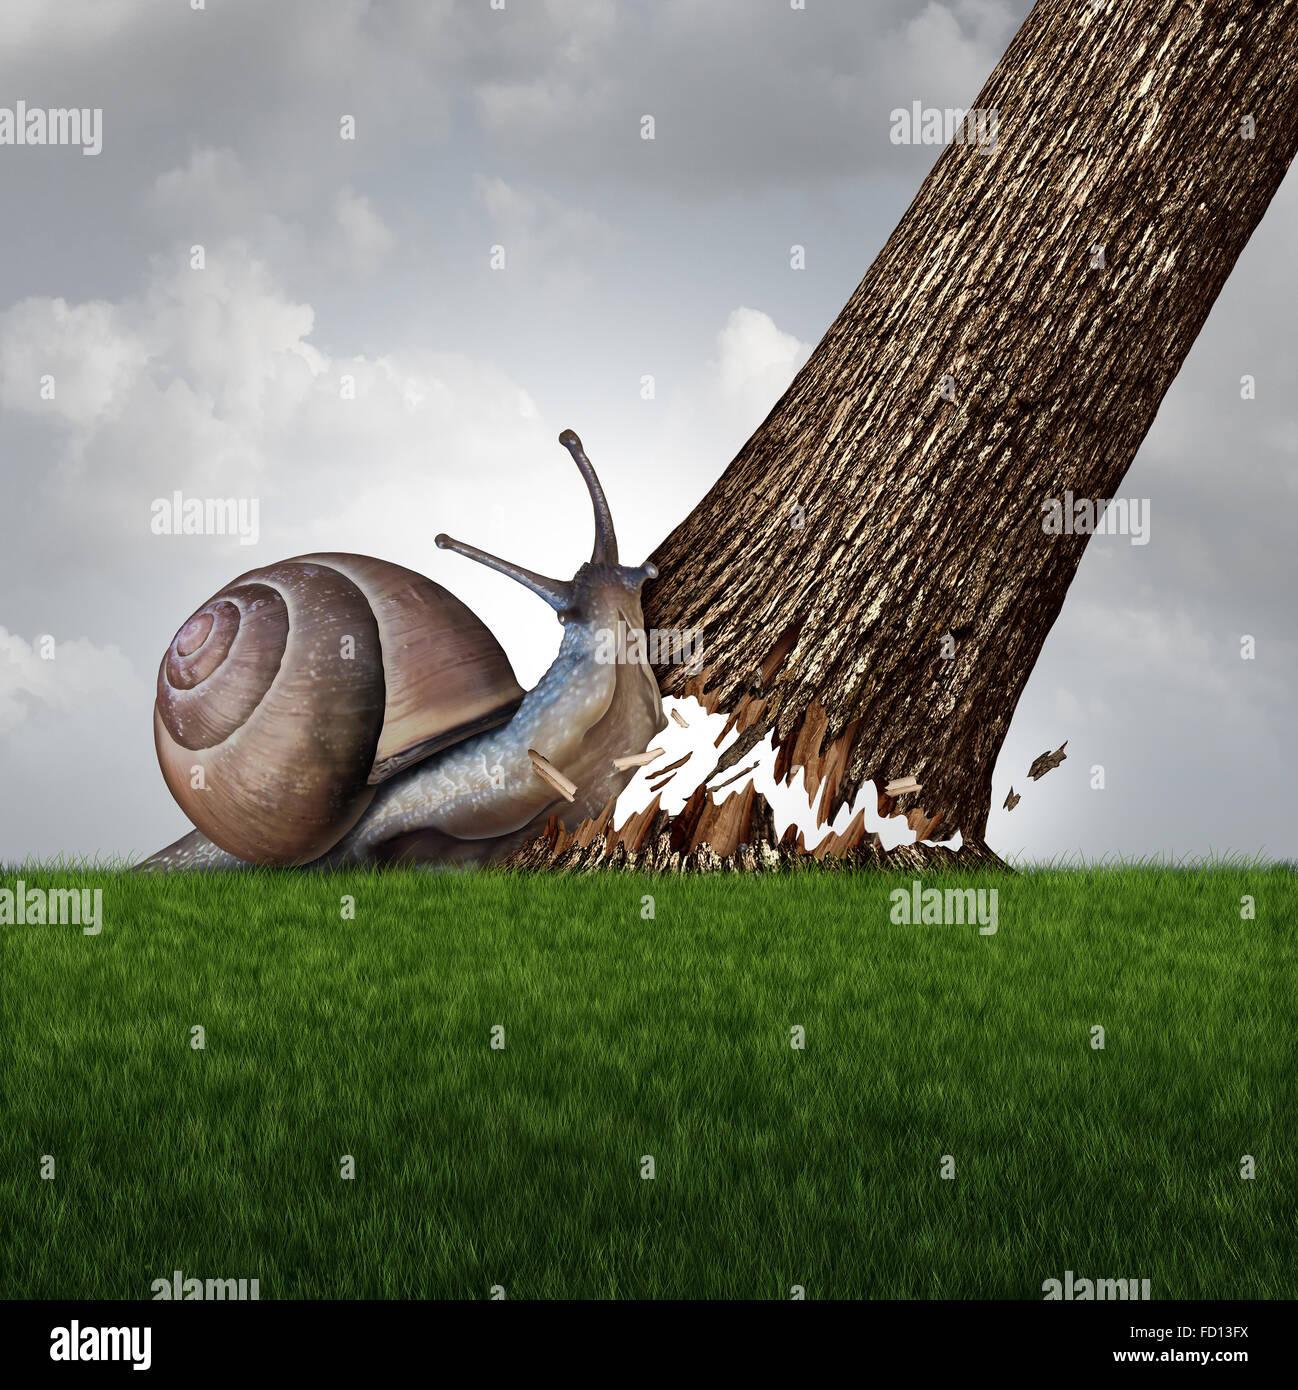 Stärke-Konzept als eine Schnecke herunterdrücken einen großen Baumstamm als Geschäft Erfolg Stockbild